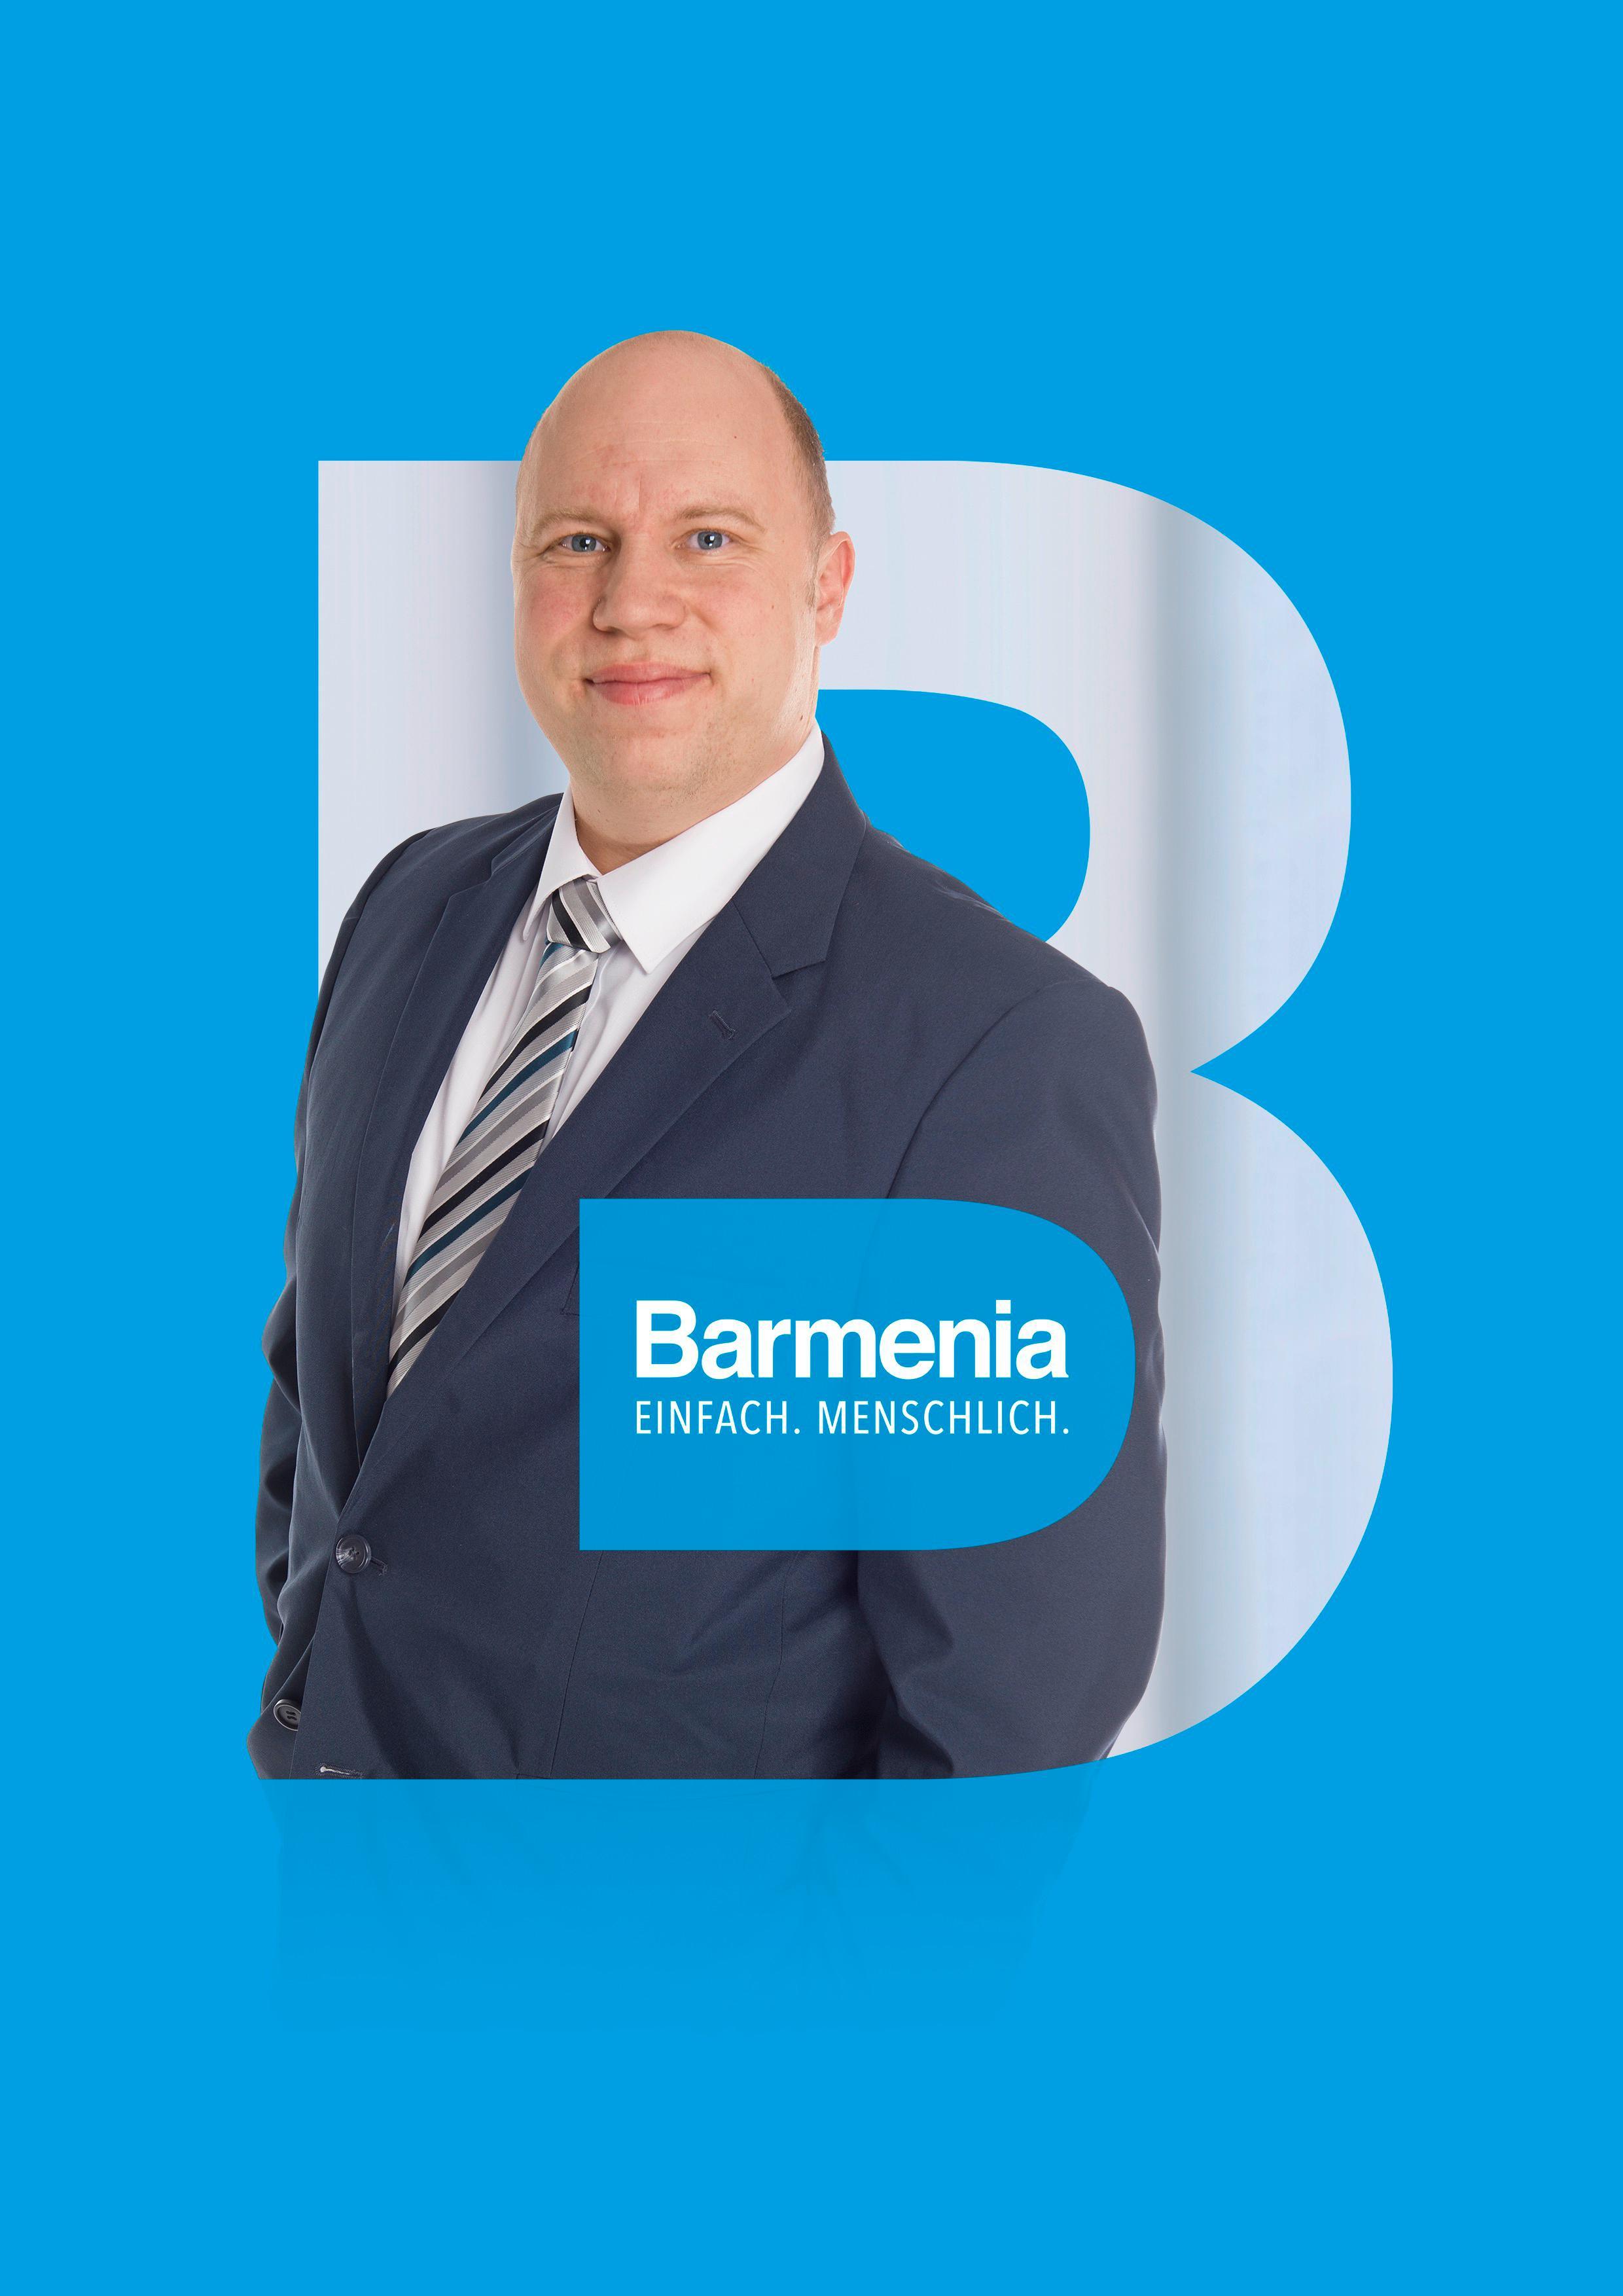 Barmenia Versicherung - Christian Gies